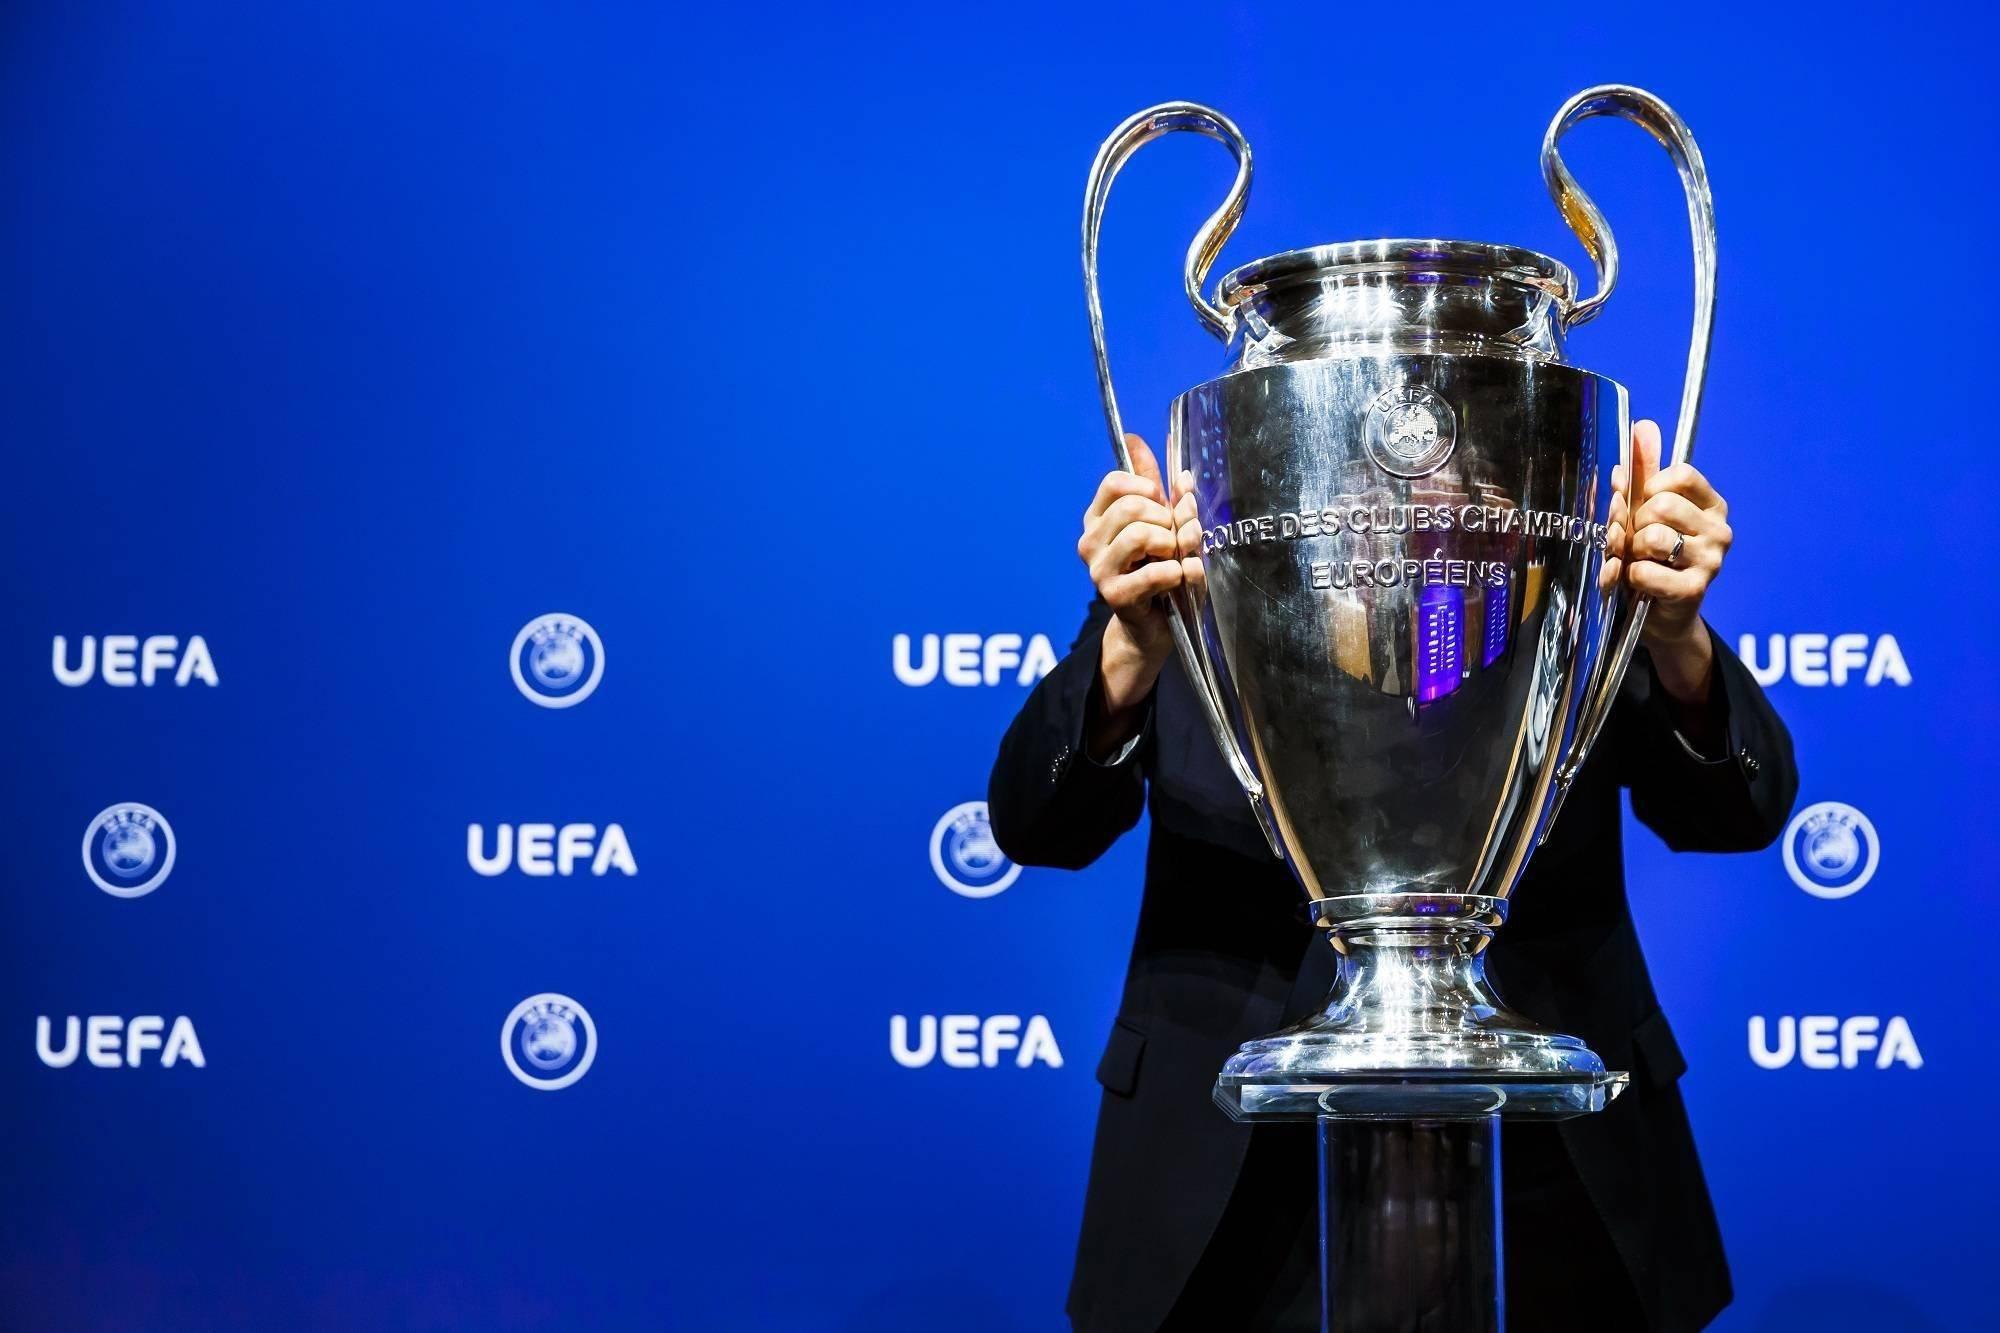 مواعيد مباريات اليوم الثلاثاء 5-11-2019 في دوري أبطال أوروبا - البشاير كوتش